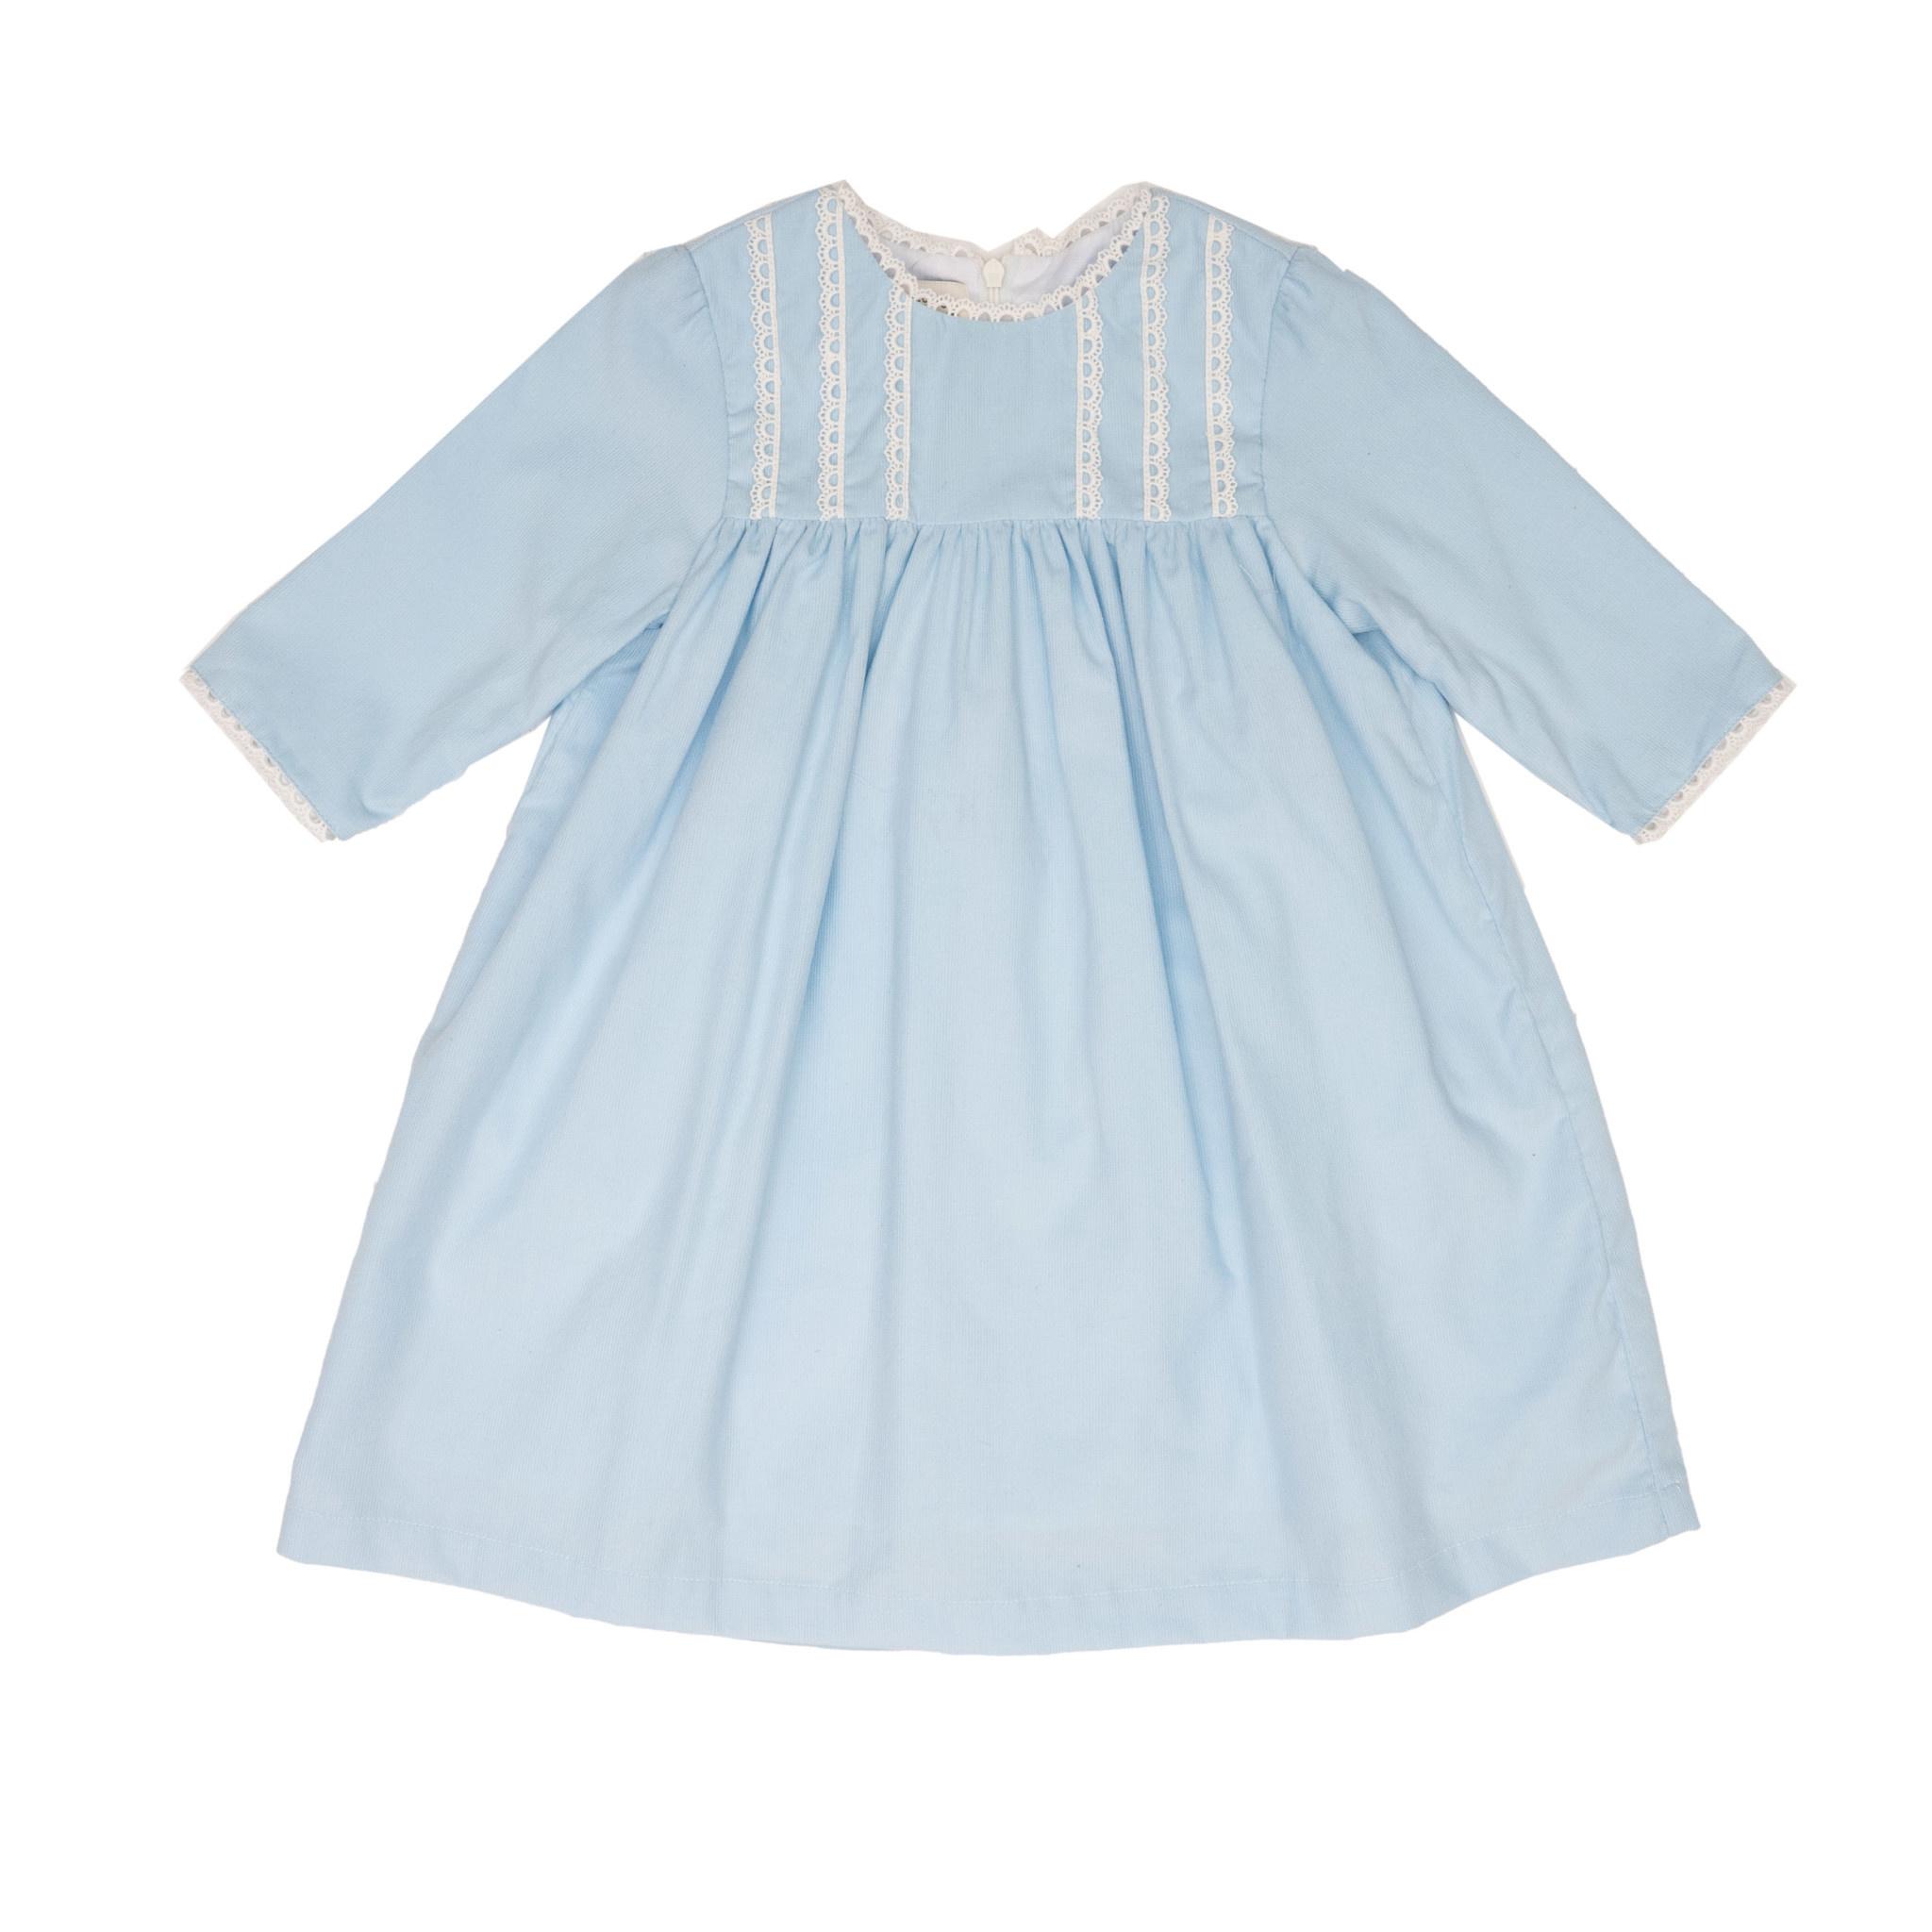 The Oaks Apparel Amanda Blue Dress